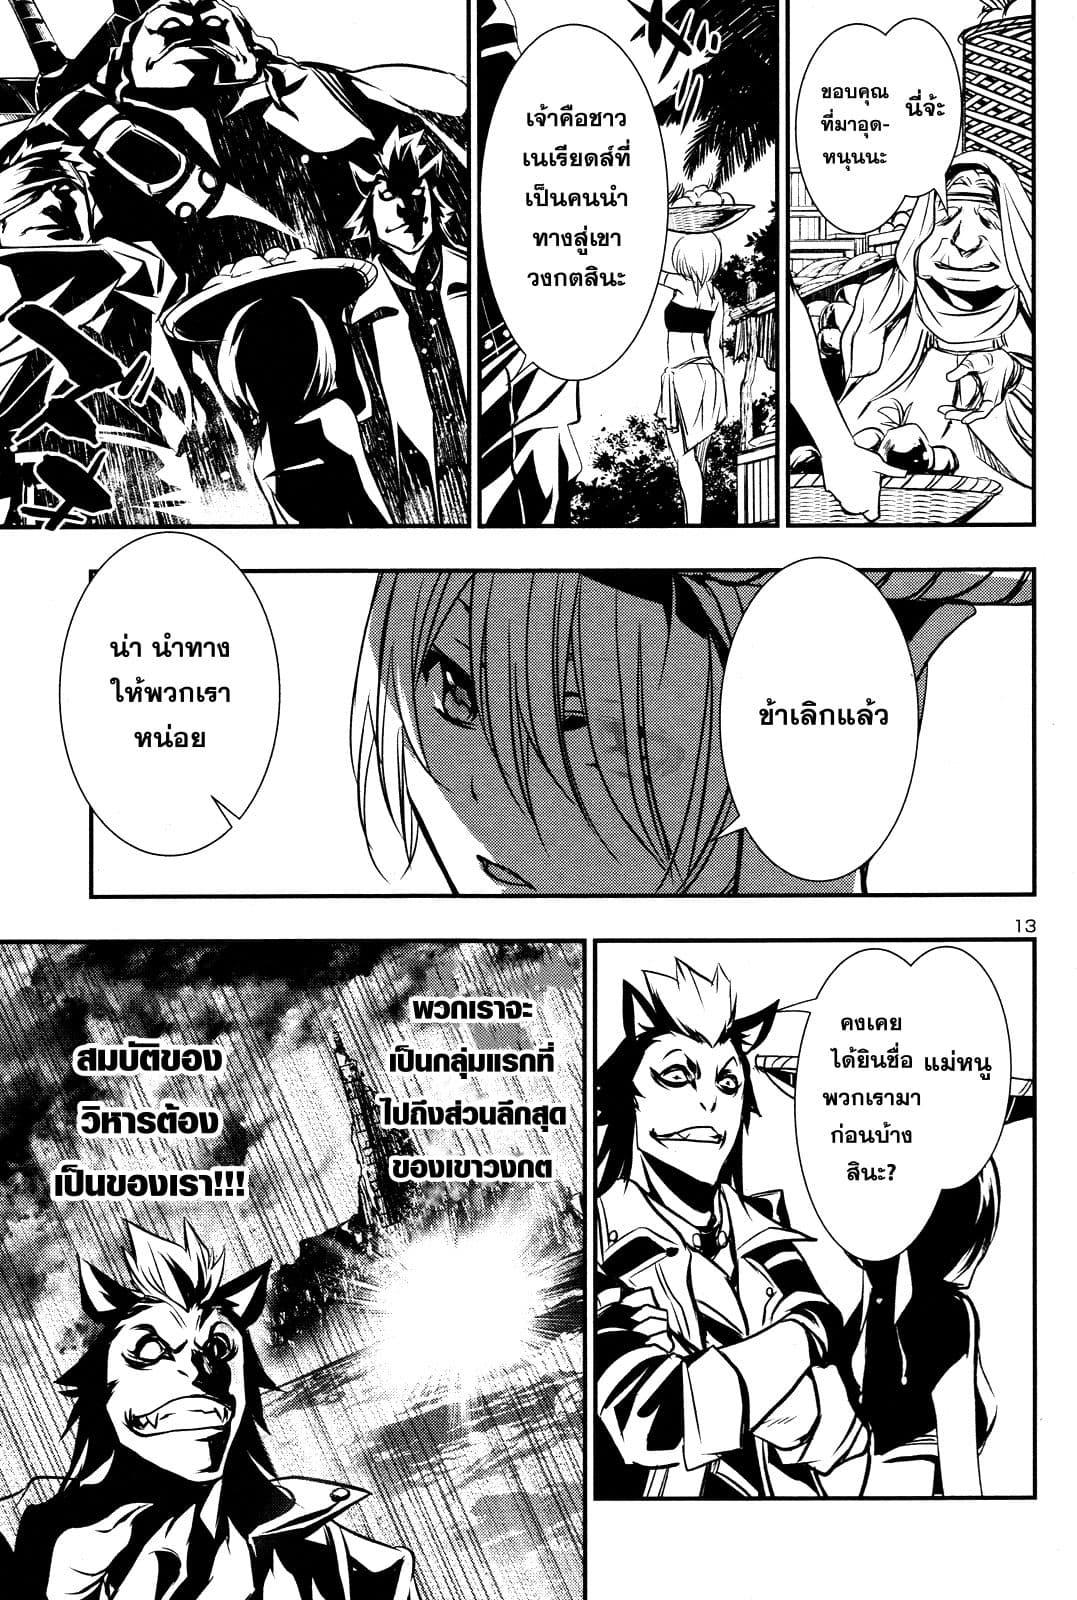 อ่านการ์ตูน Shinju no Nectar ตอนที่ 14 หน้าที่ 13